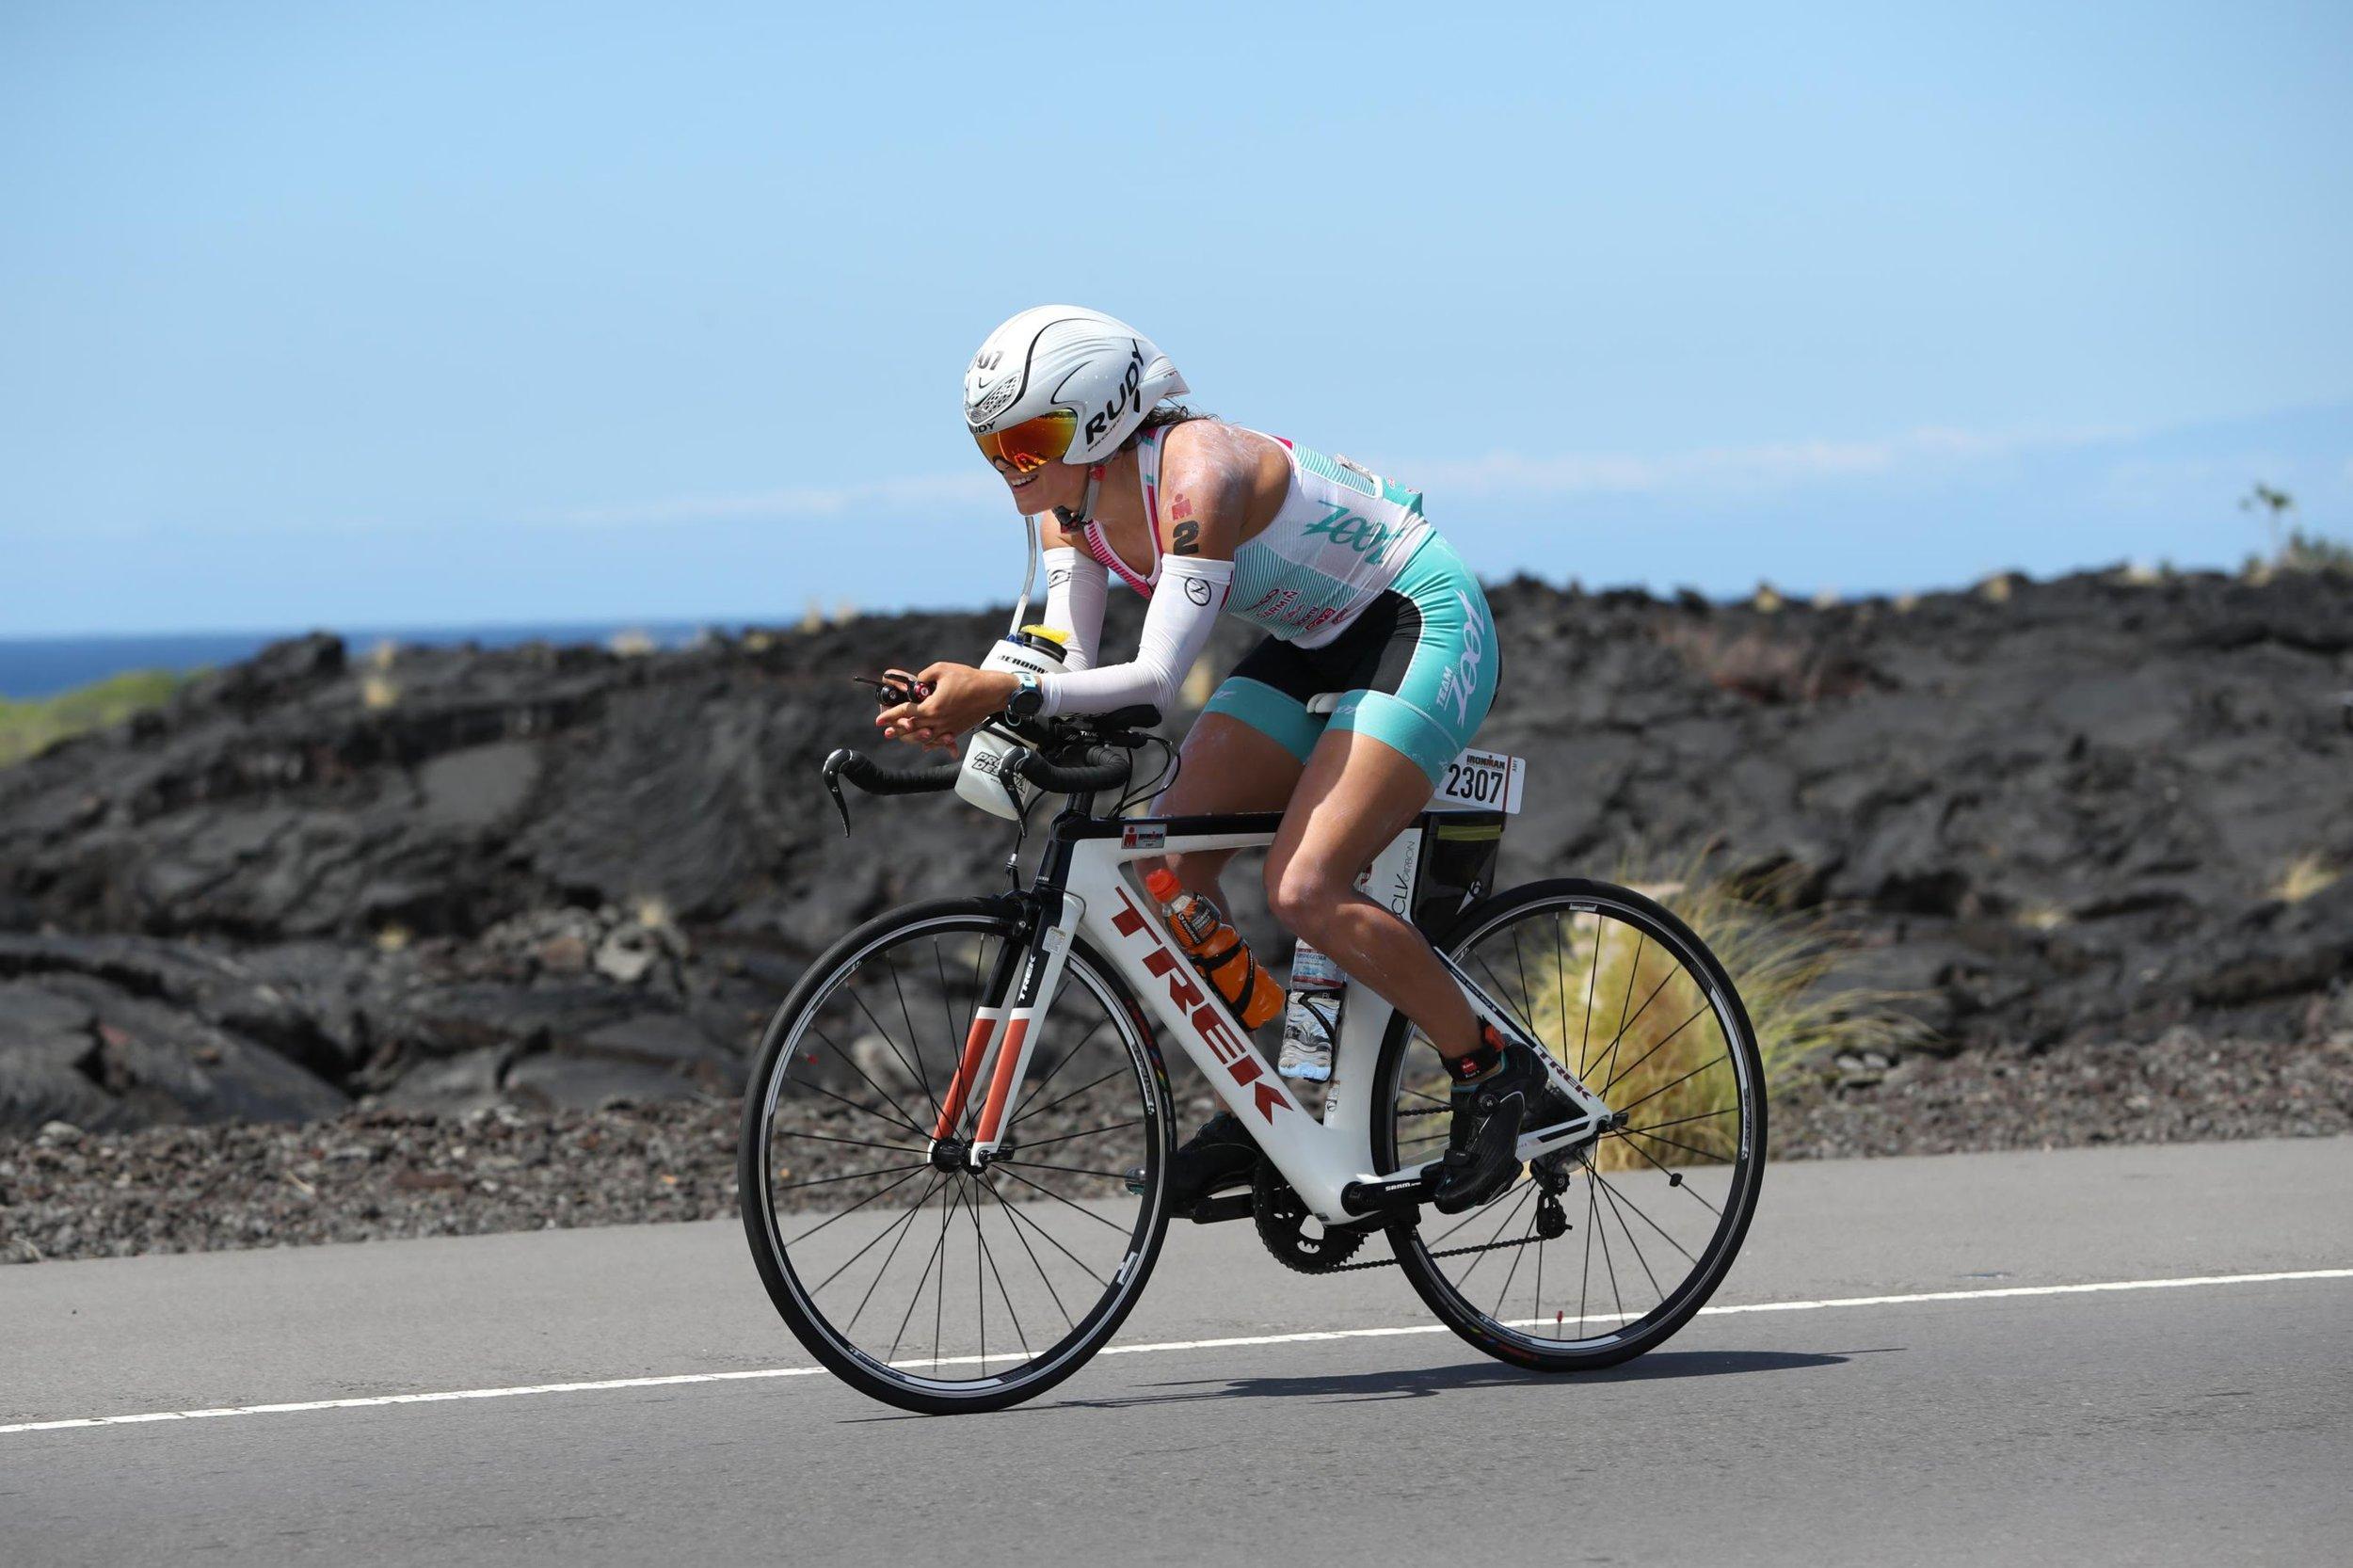 Steelhead Athlete Amy Henderson